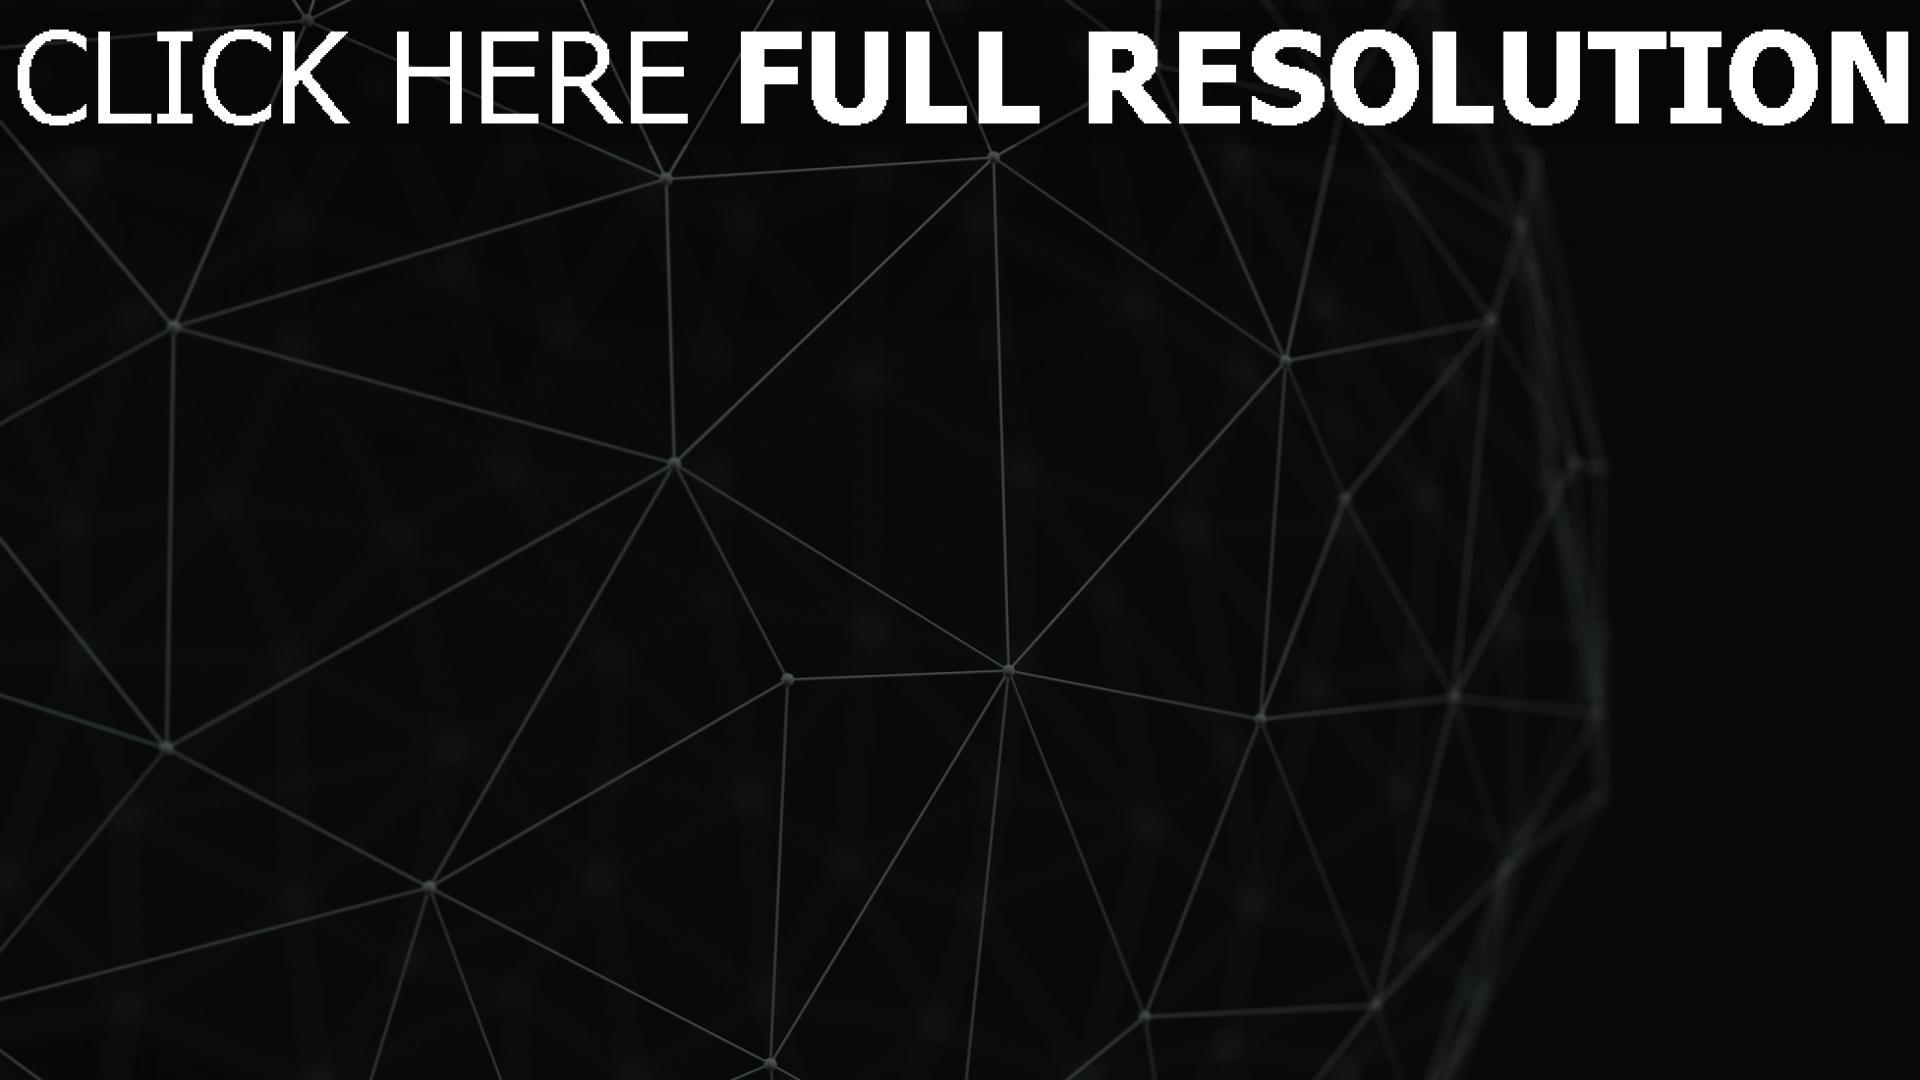 hd hintergrundbilder form volumen 3D linie dunkel 1920x1080